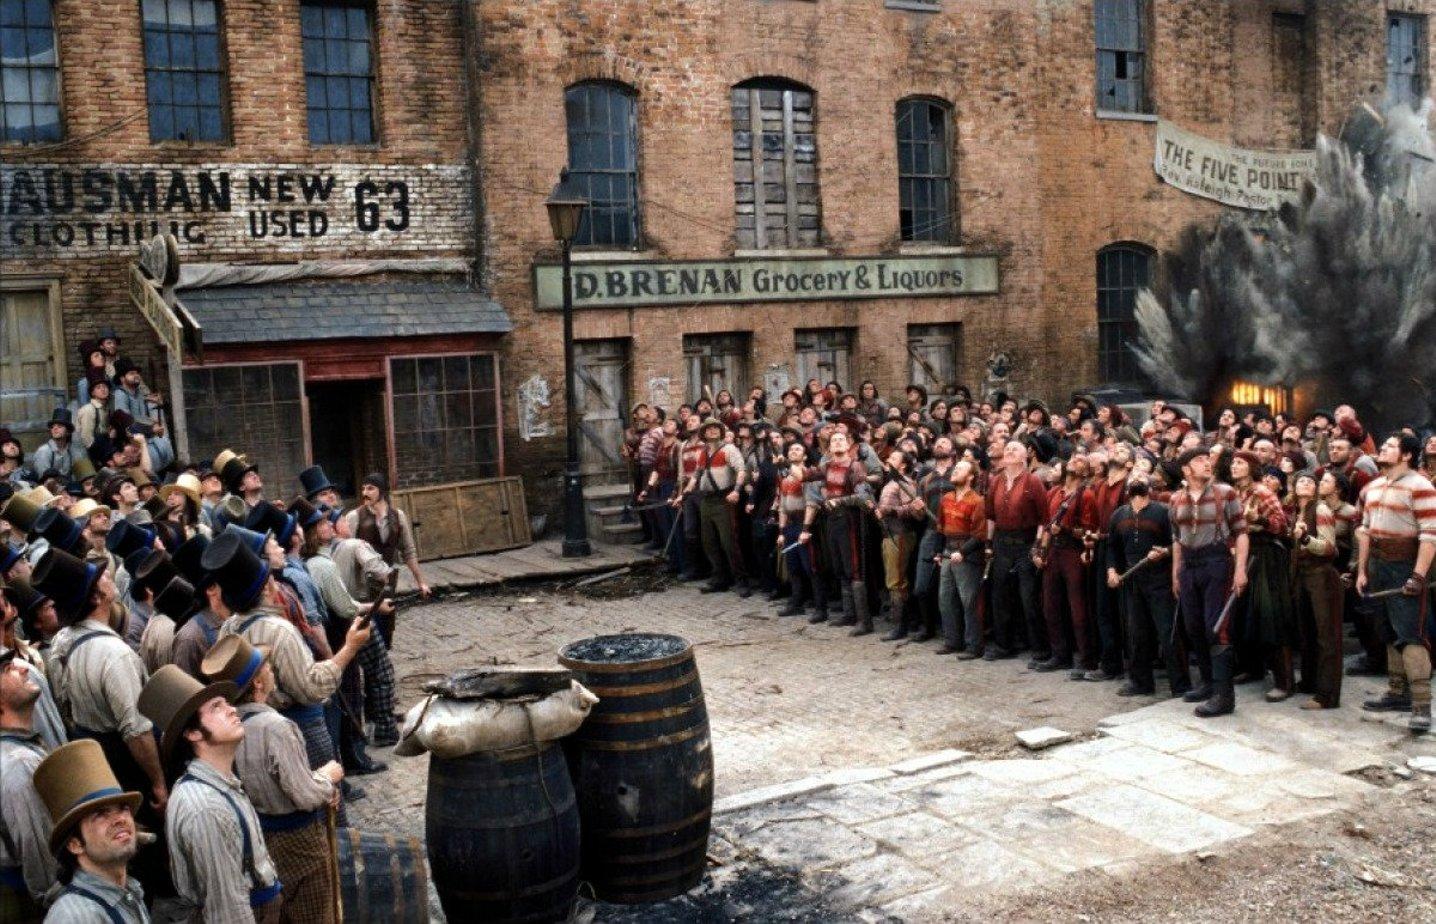 the gangs of new york by herbert asbury reviews gangs of new york book essay